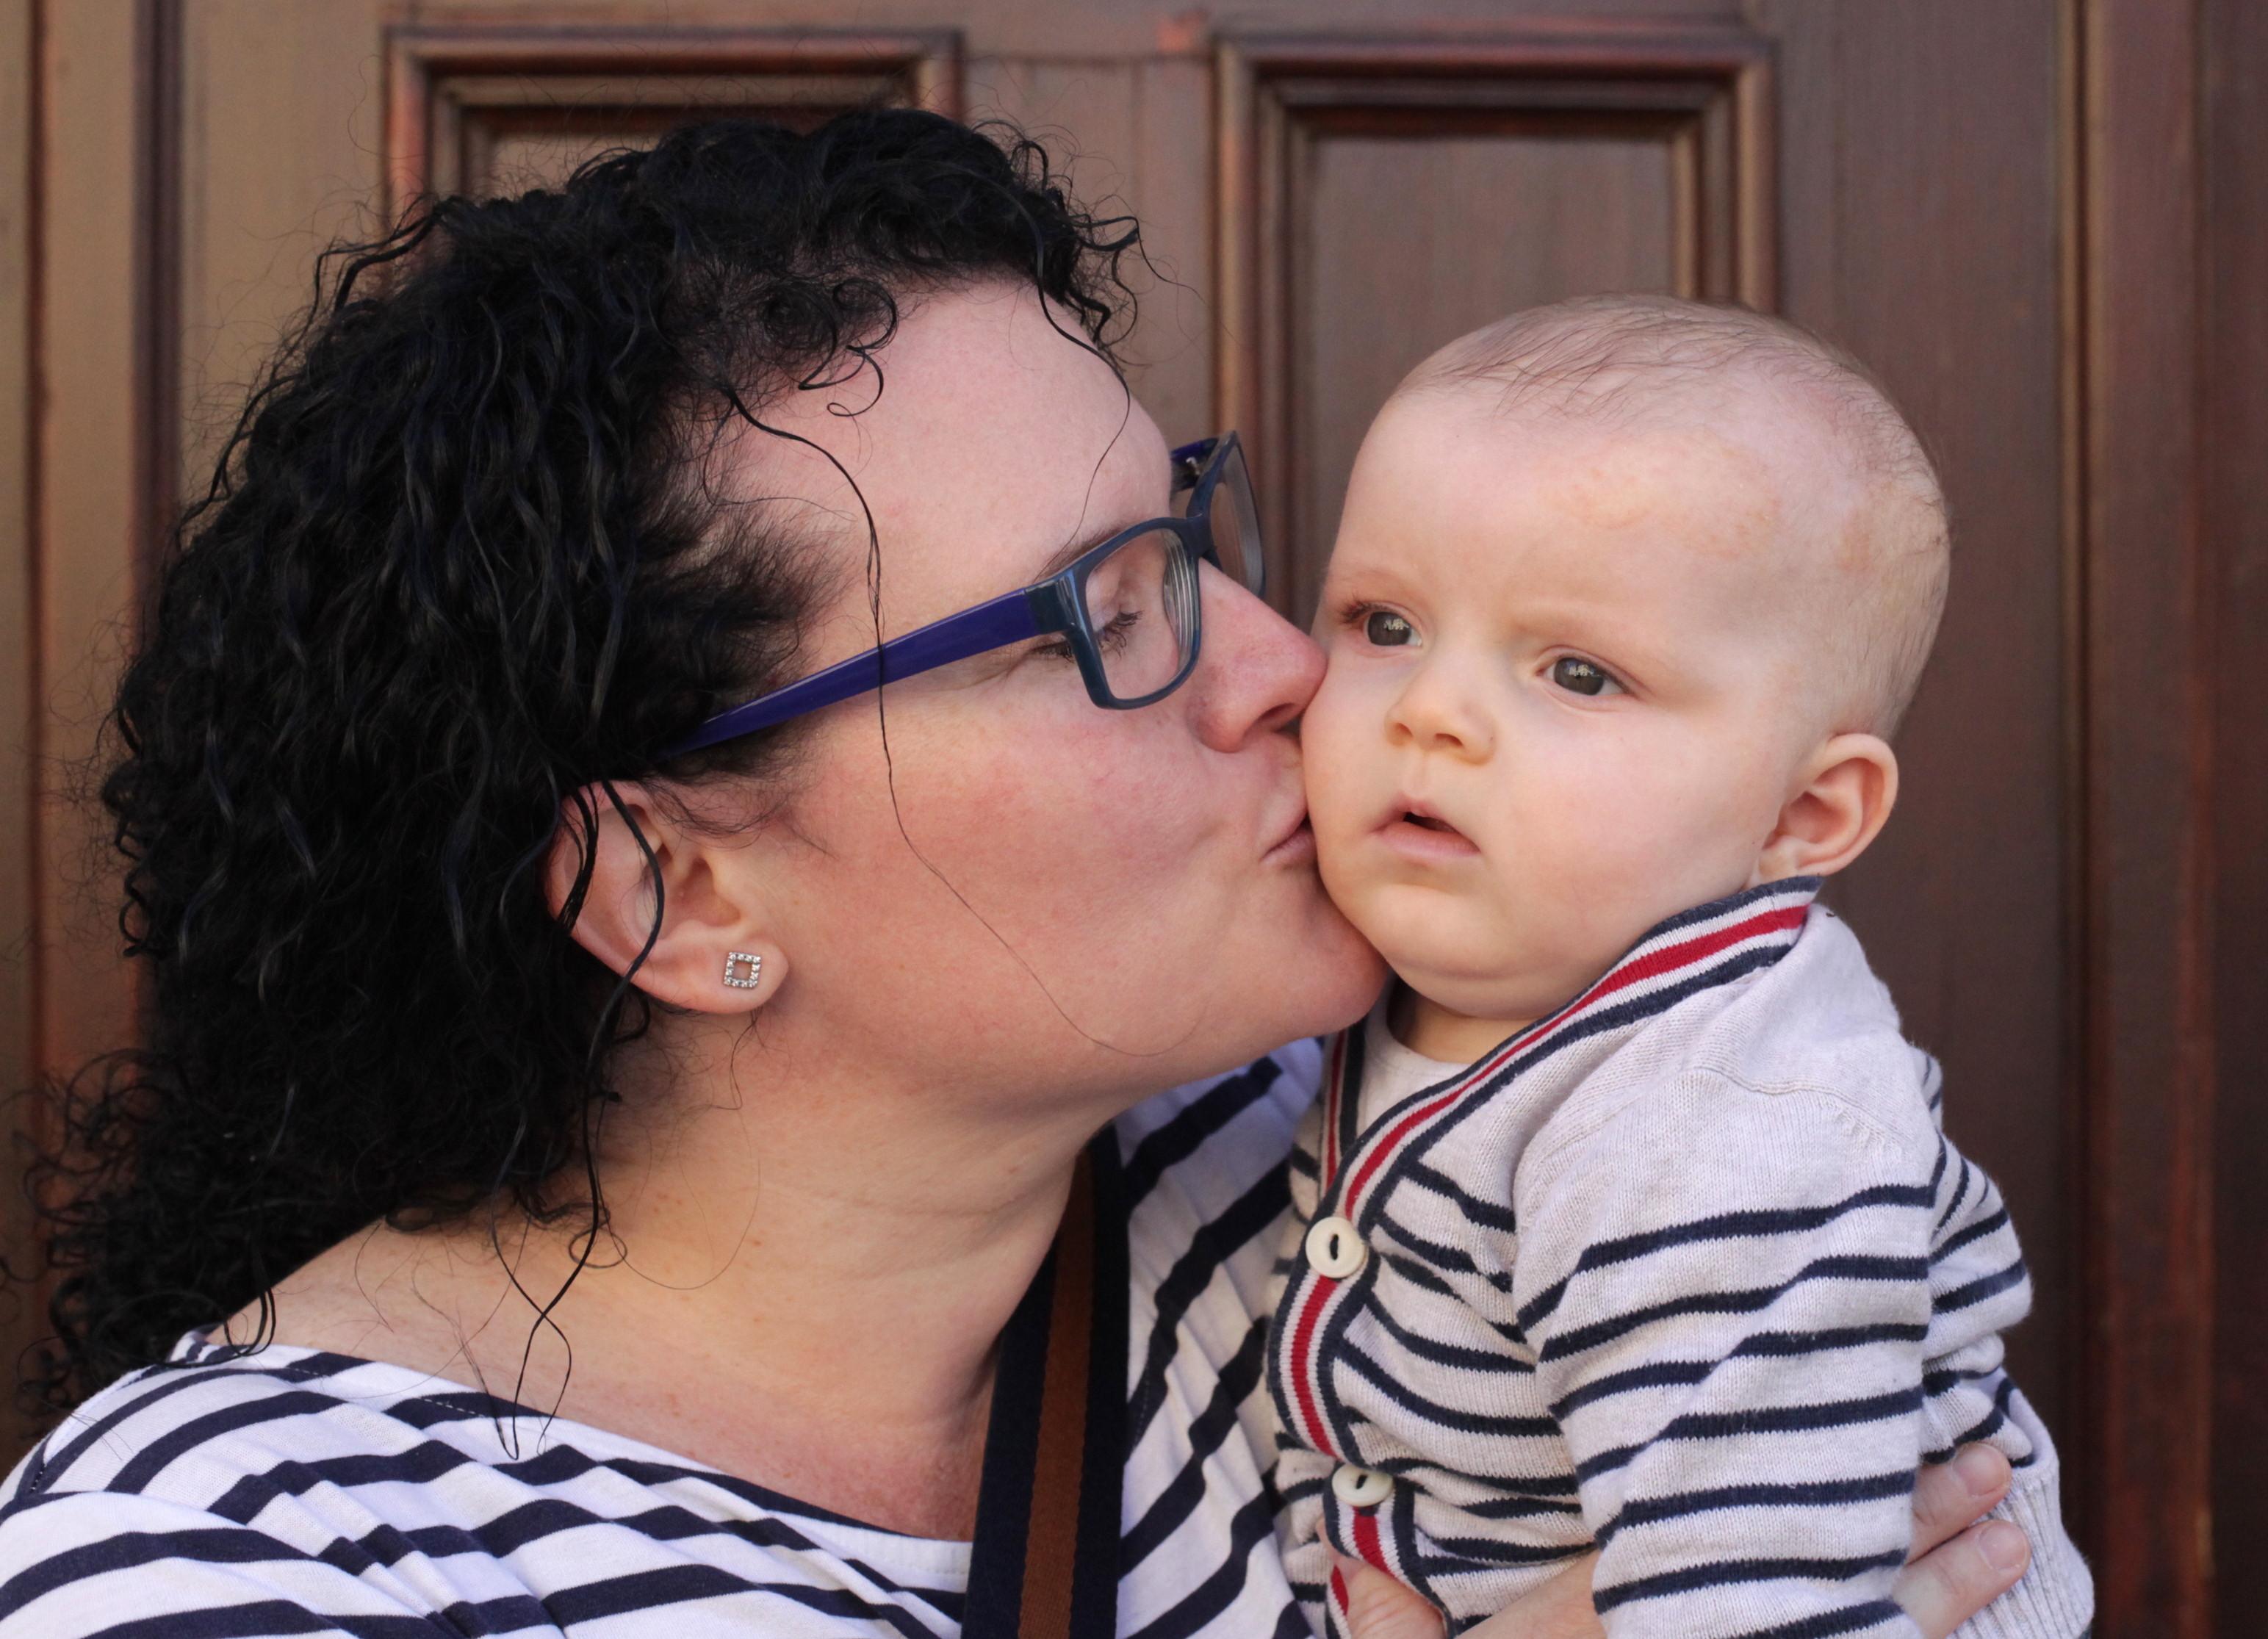 vitani-obcanku-se-vratilo-prvnim-letosnim-miminkem-prahy-5-je-kluk